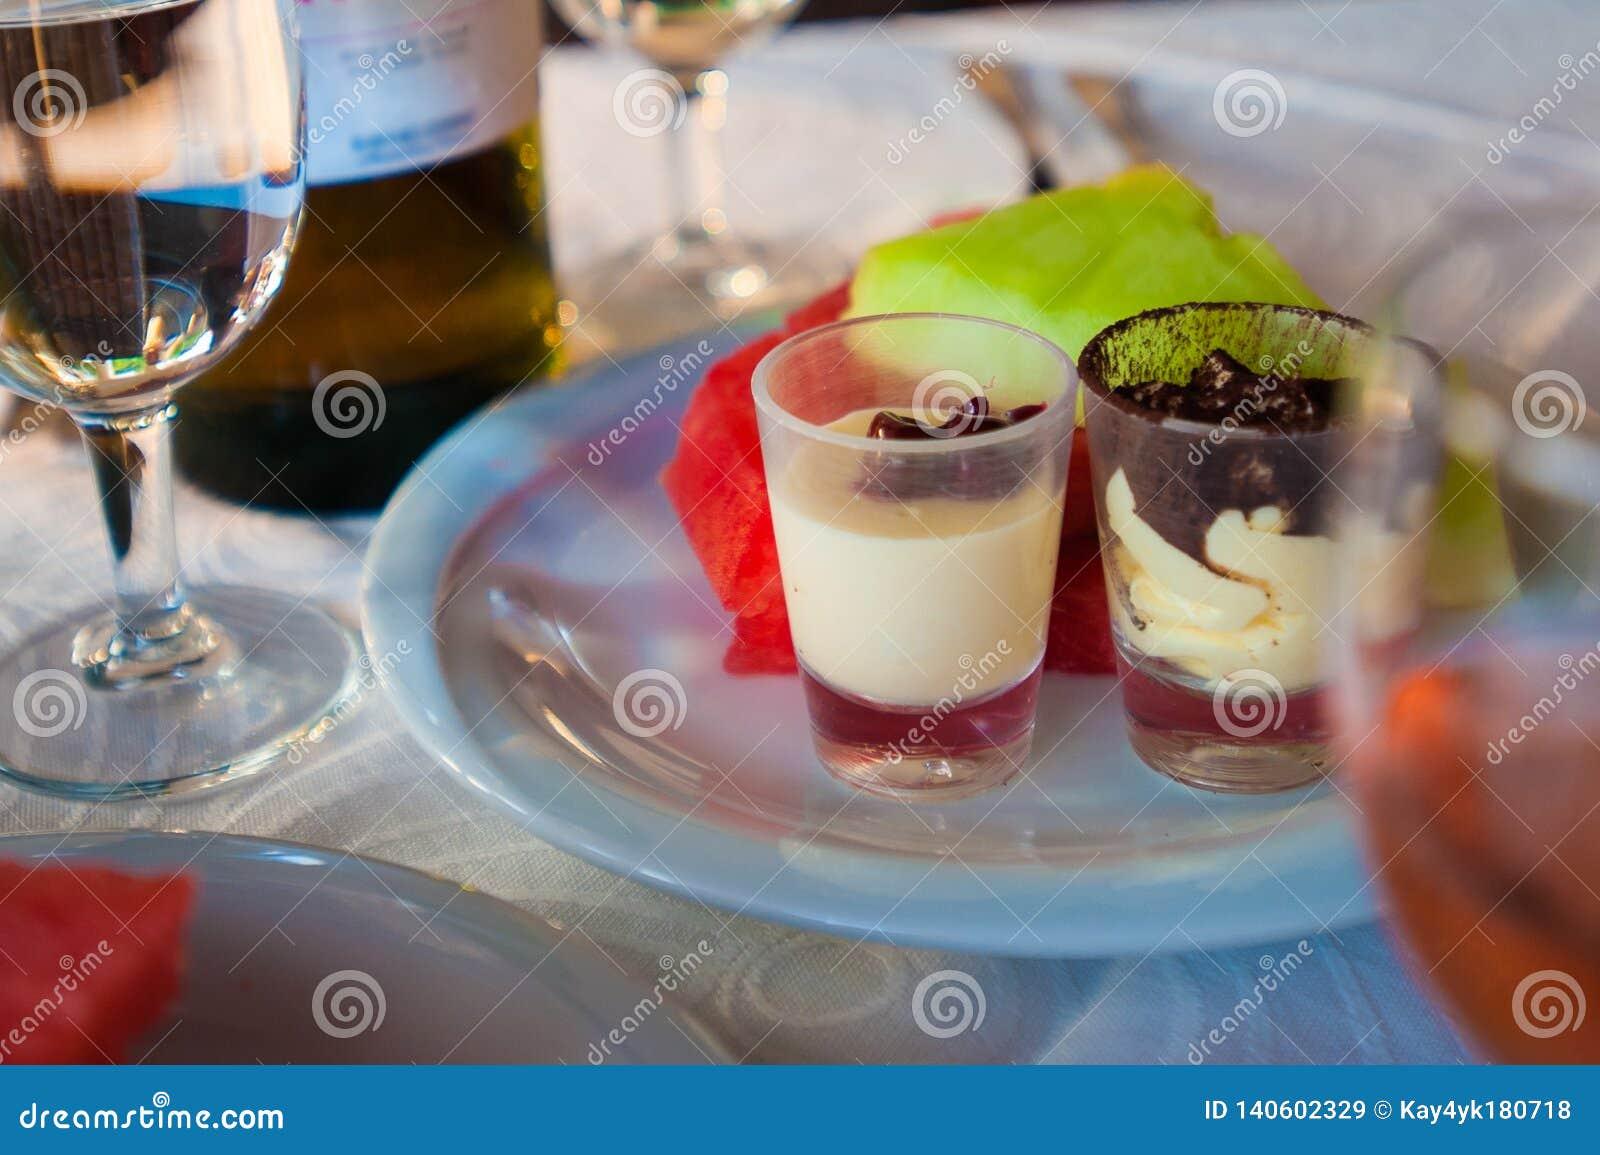 Zwei Kuchen auf einer Platte mit einem Glas Wein und Frucht